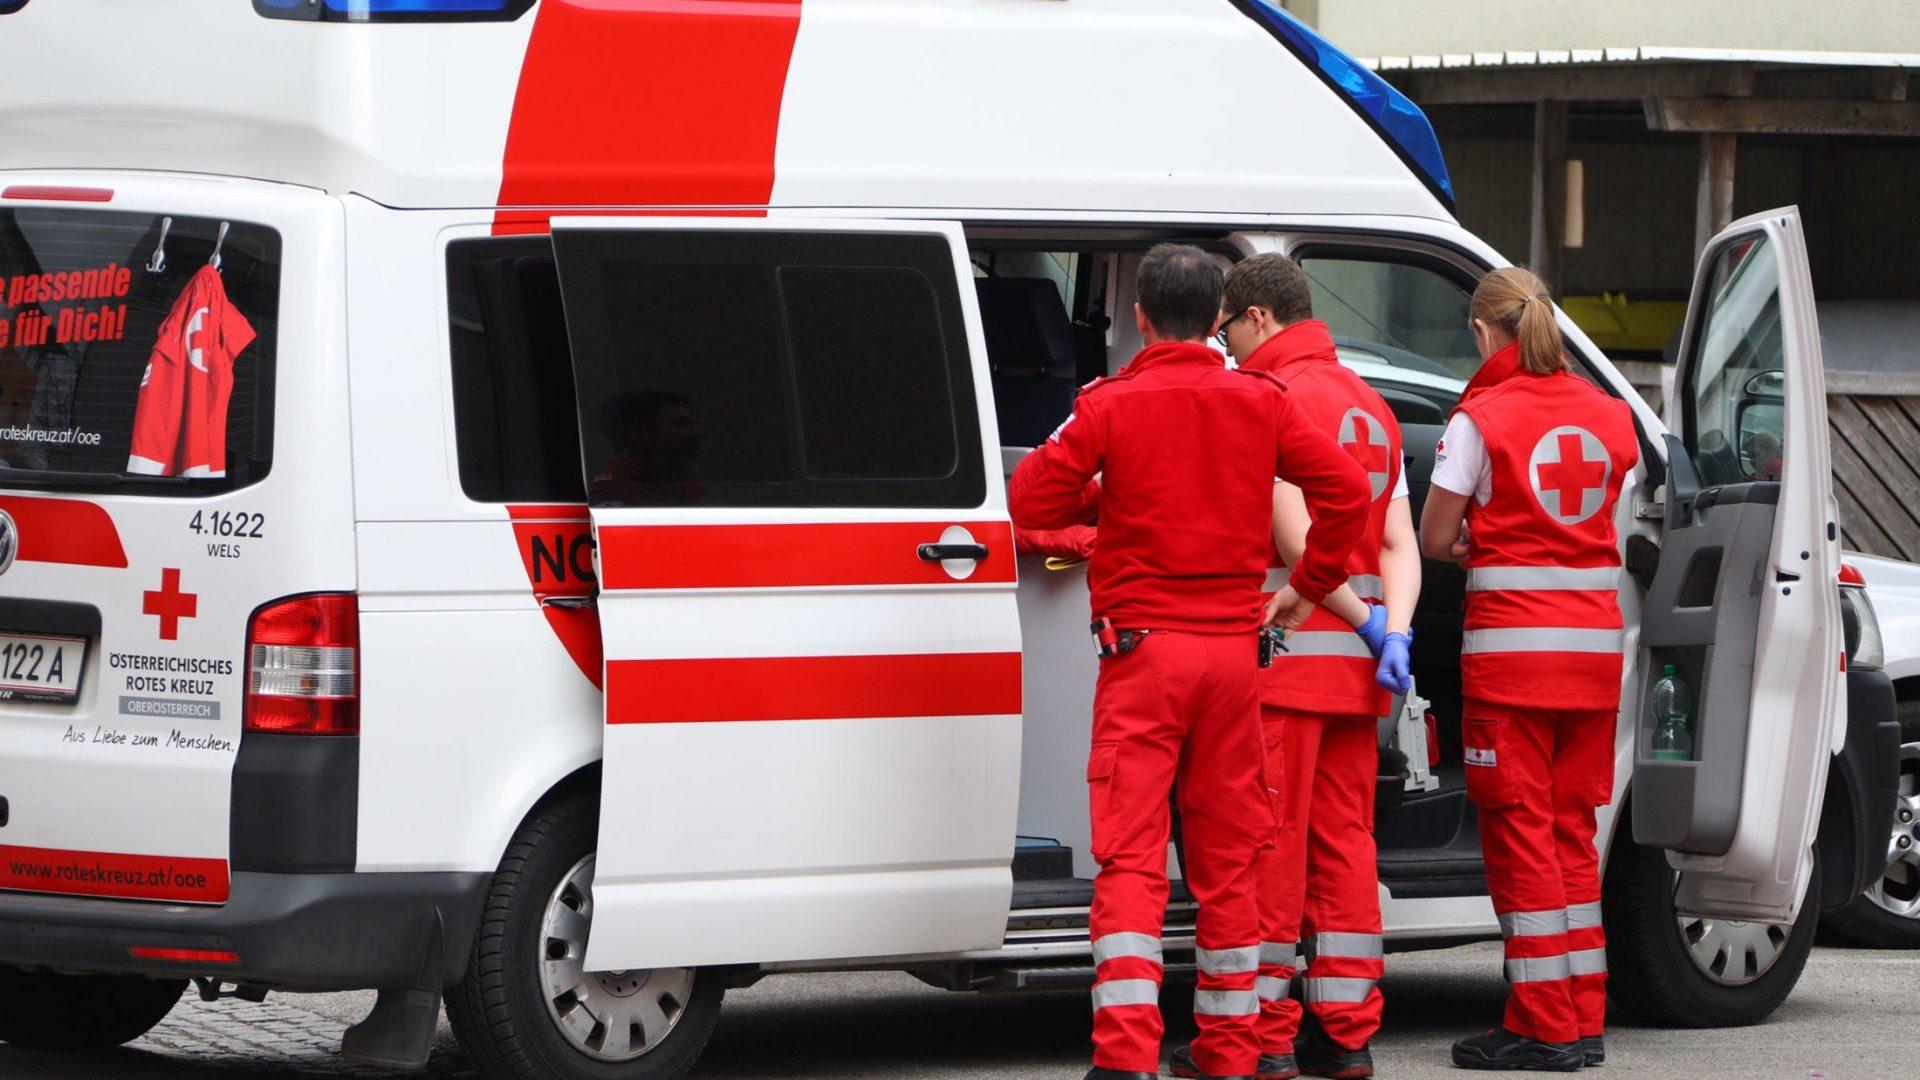 СМИ Австрии: пациенты скрывают симптомы Covid-19 от врачей!